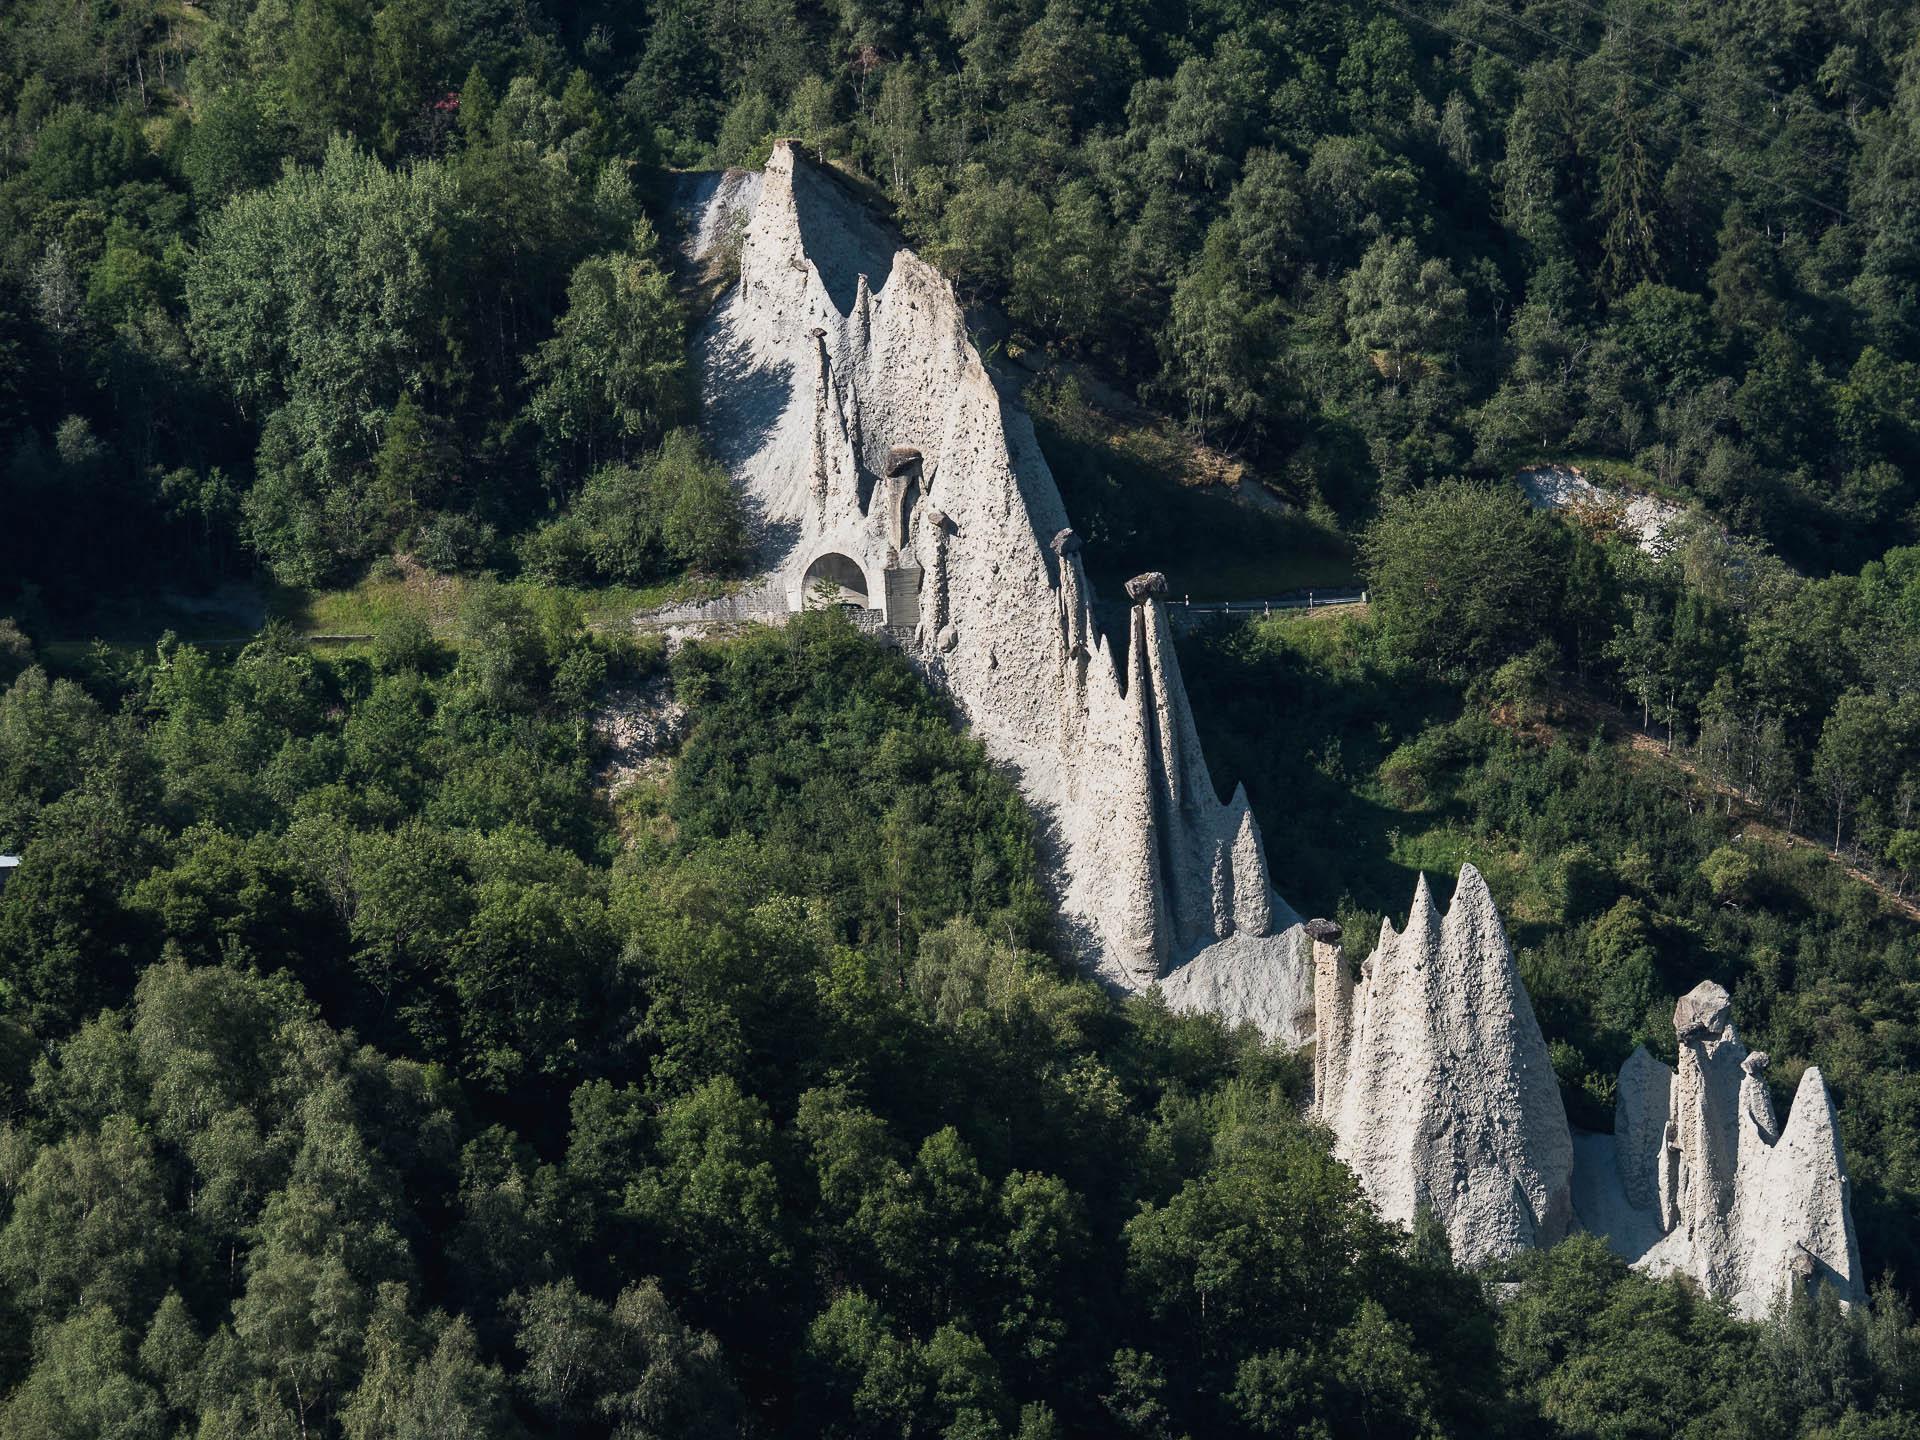 Les pyramides d'Euseigne formées par l'érosion